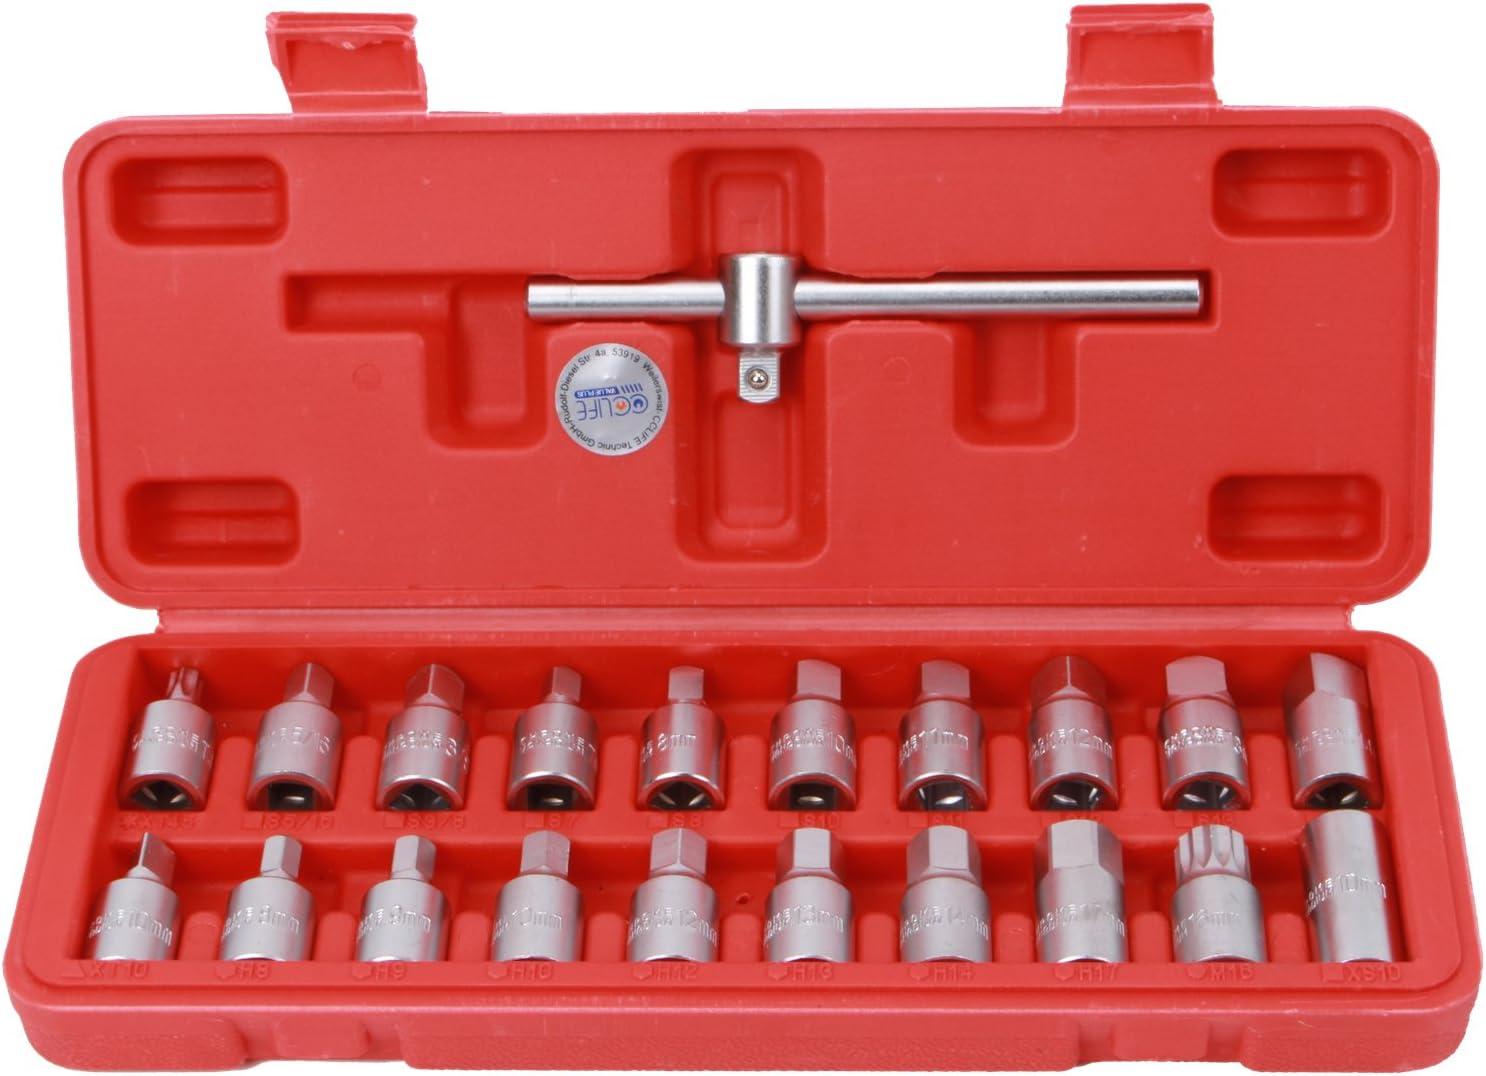 Cclife 21tlg Öldienstschlüssel Vierkant Ölwannenschlüssel Set Öldienst Schlüssel Für Ölablassschraube Mit 3 8 Gleitgriff Baumarkt